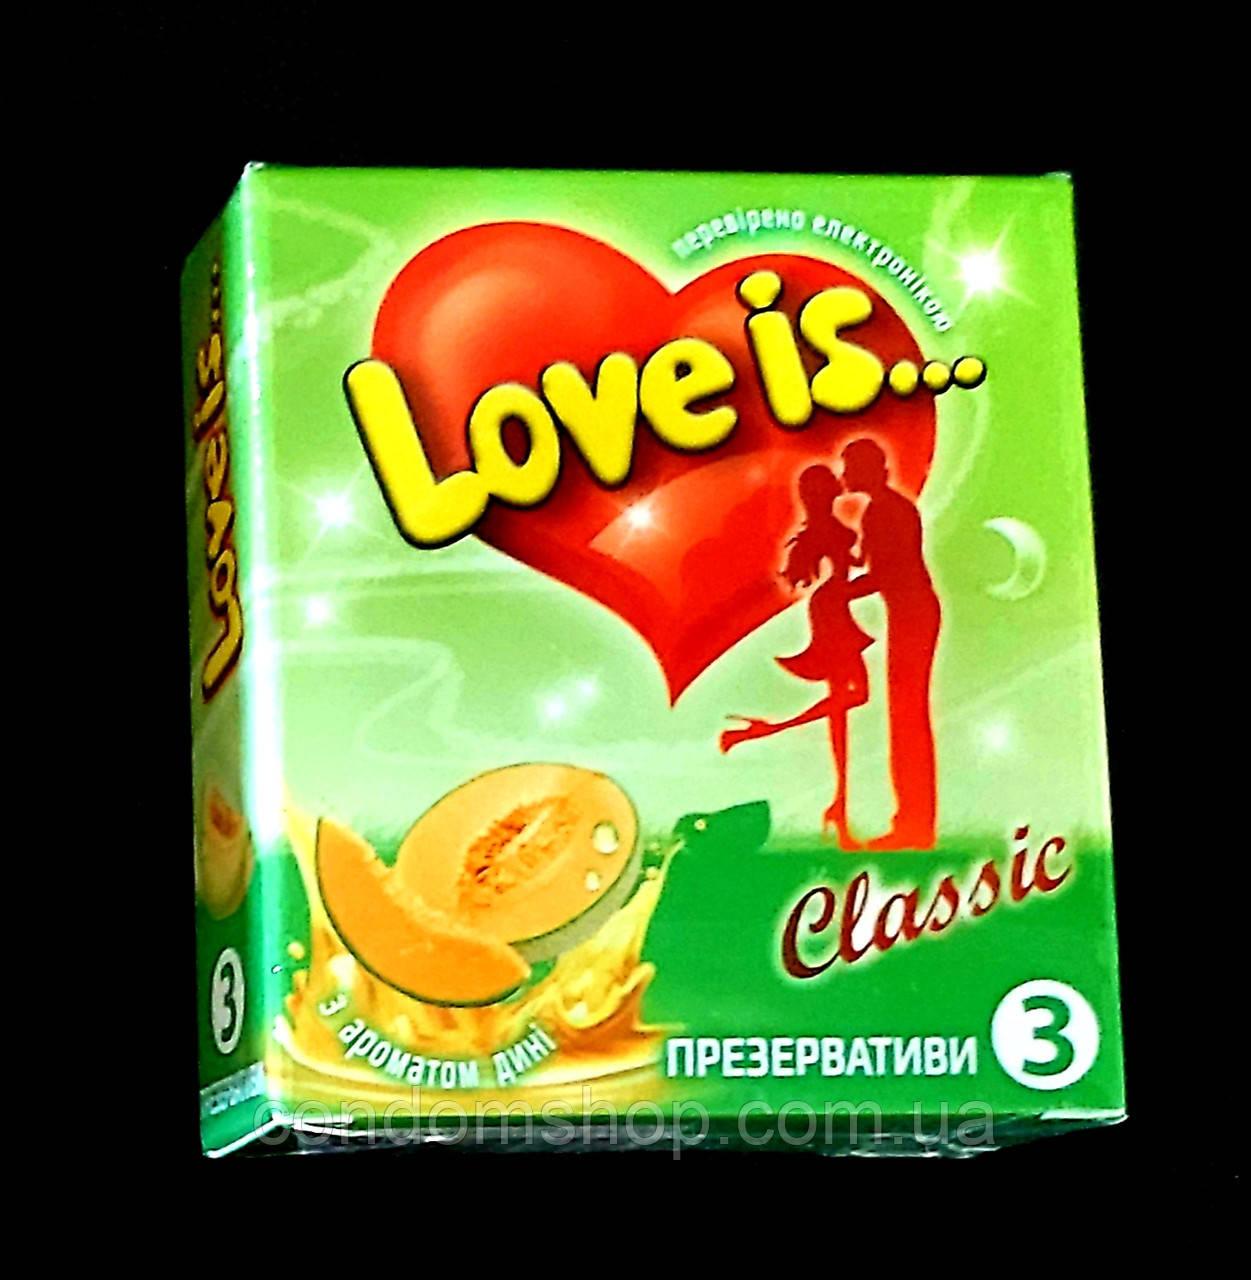 Презервативы Love is премиум с ДЫНЕЙ И комиксом-вкладышем .Великобритания, 3 шт.